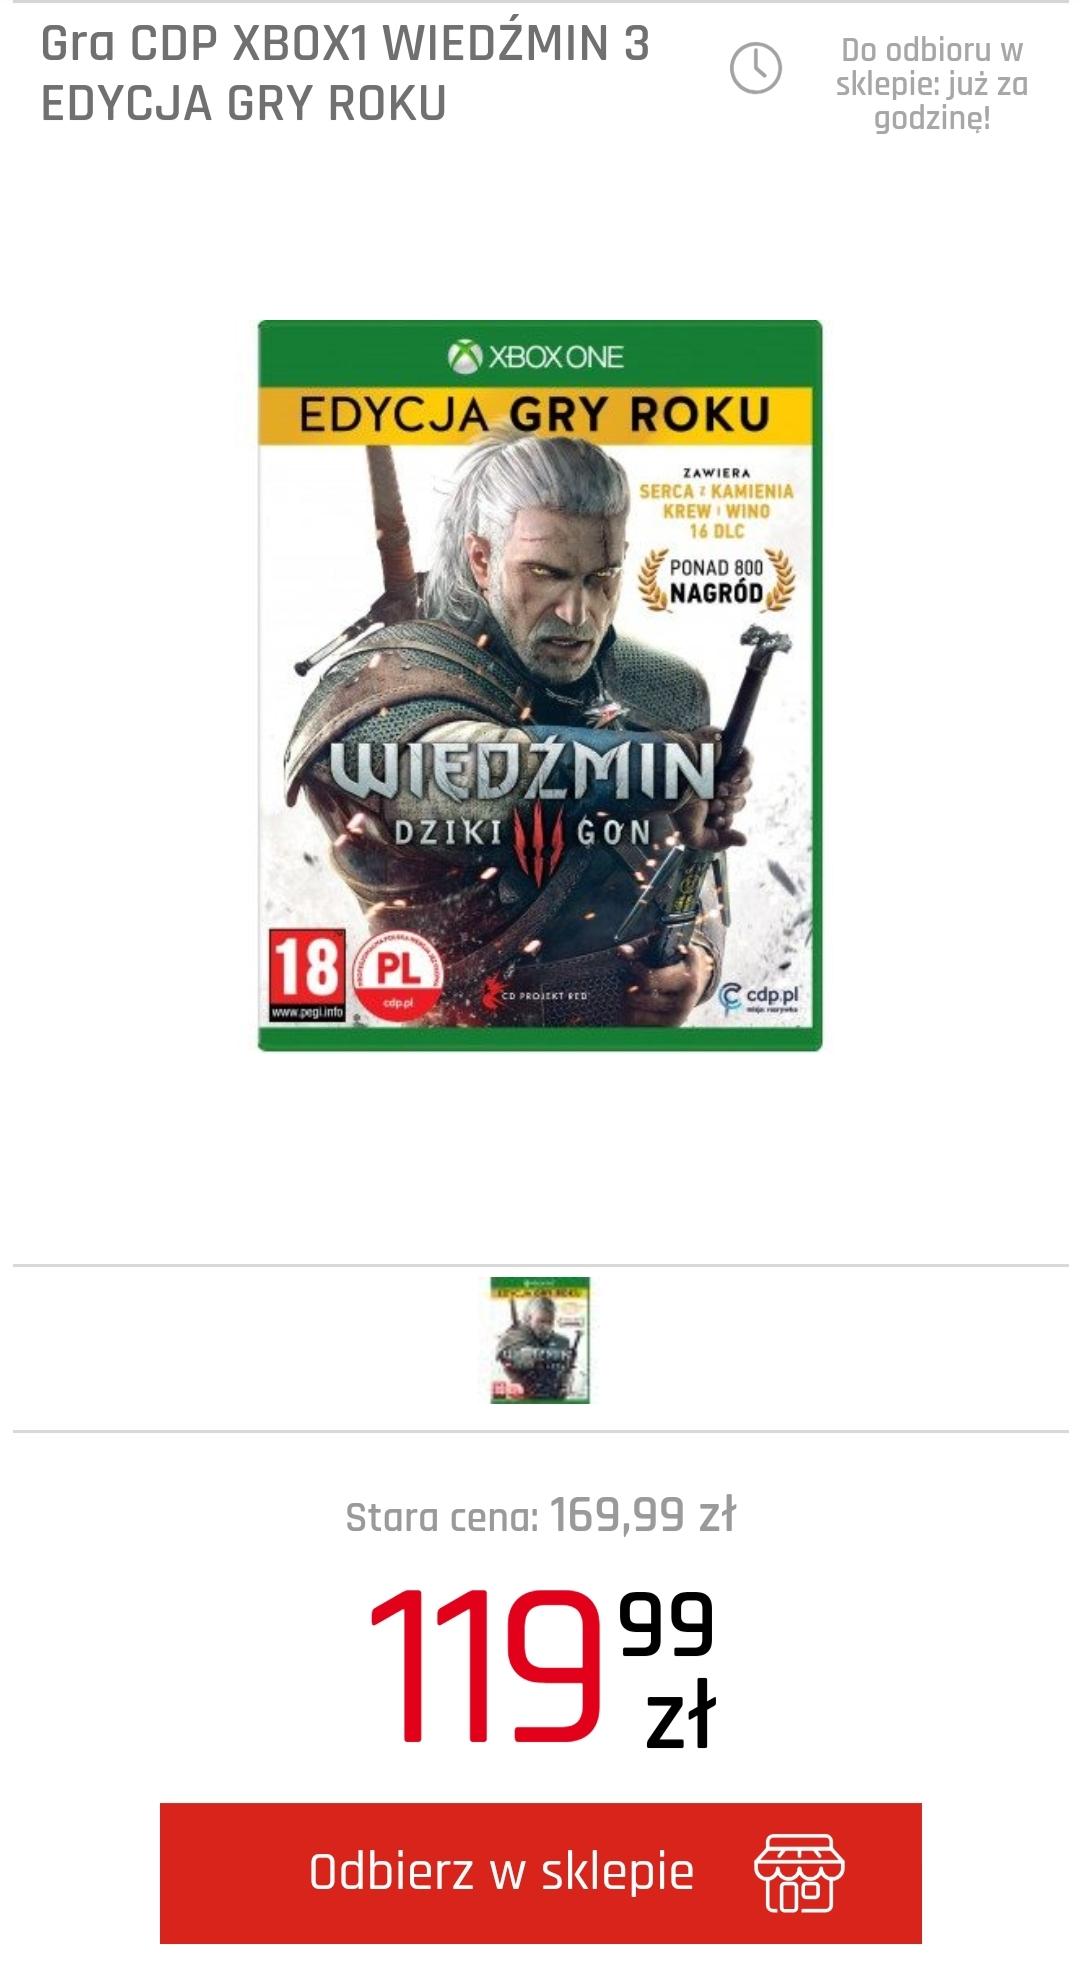 Wiedźmin 3 Edycja GOTY na XBOX ONE